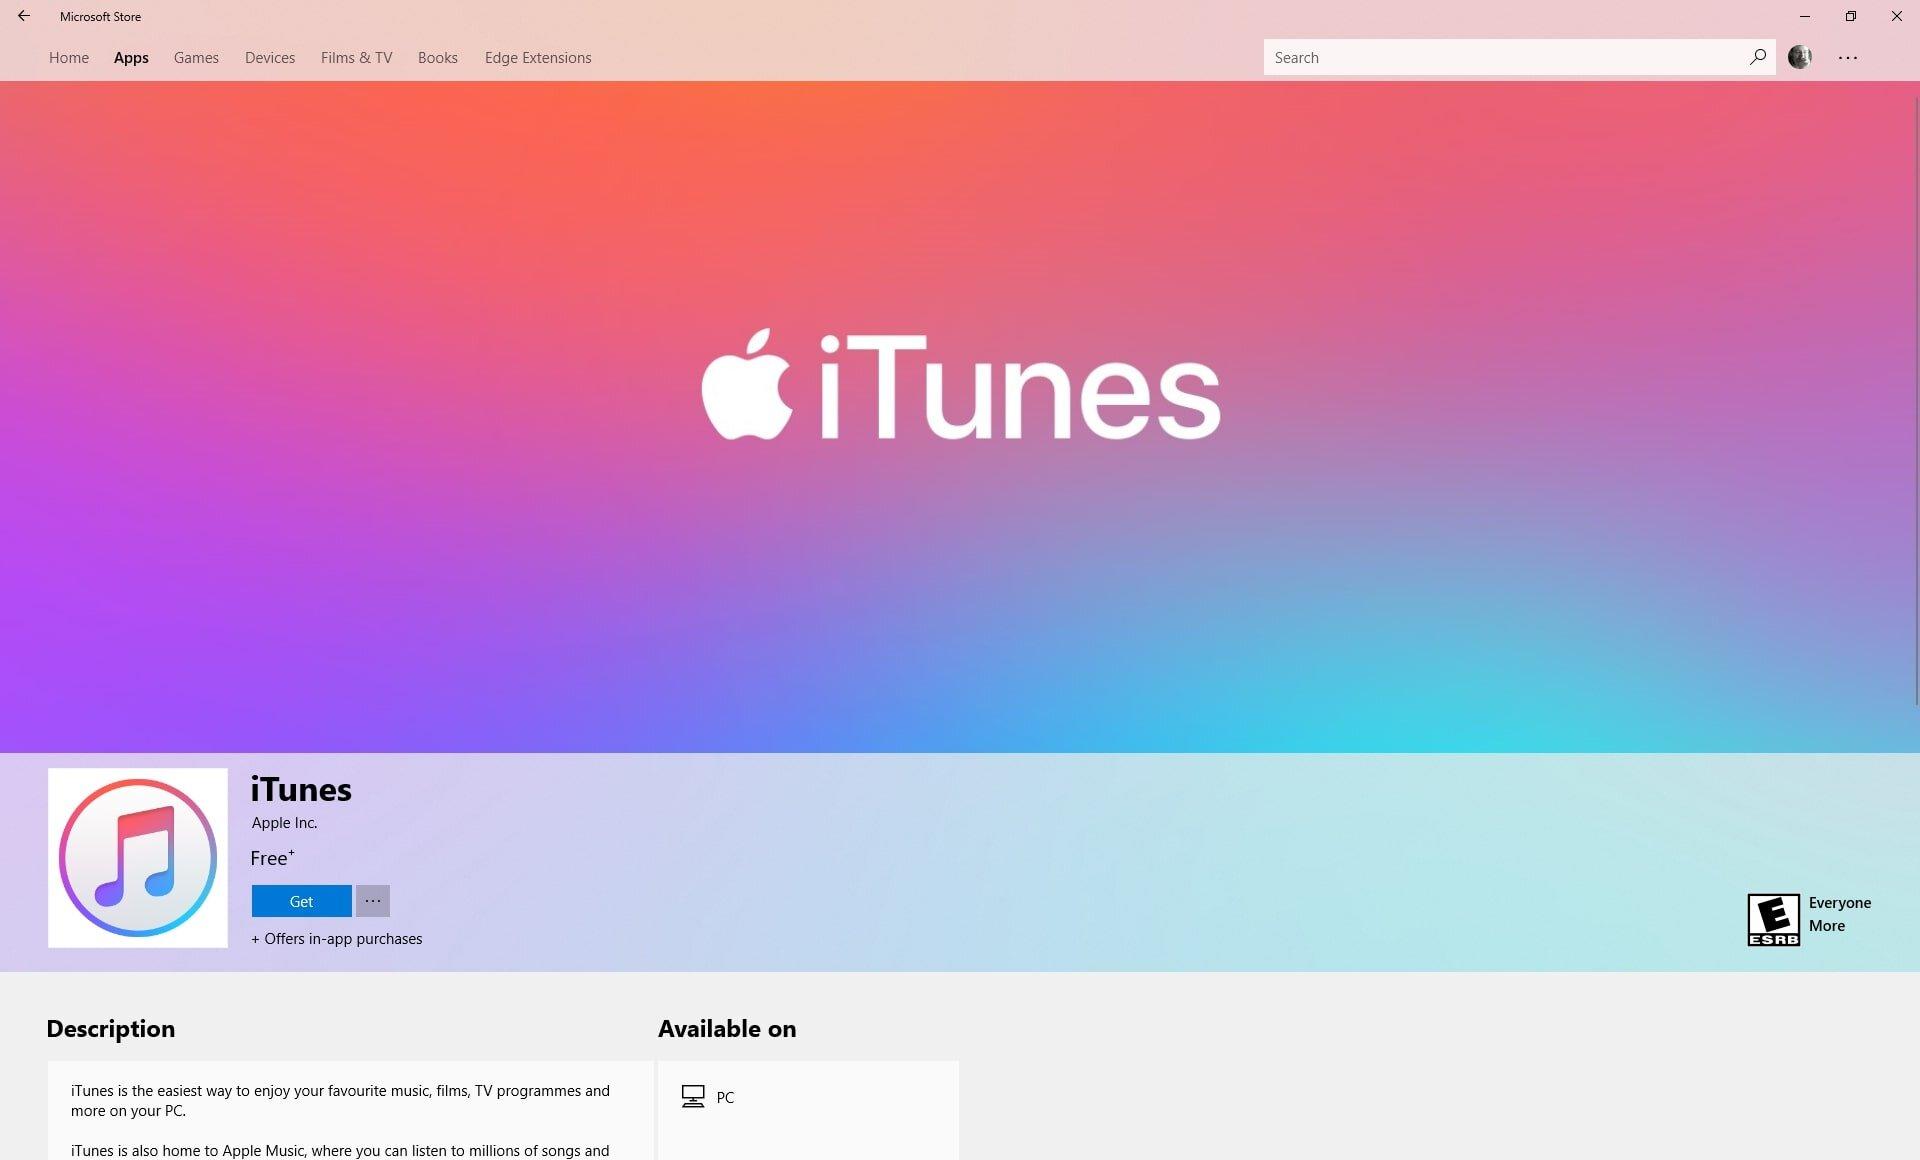 Mở khóa iPad đơn giản qua iTunes